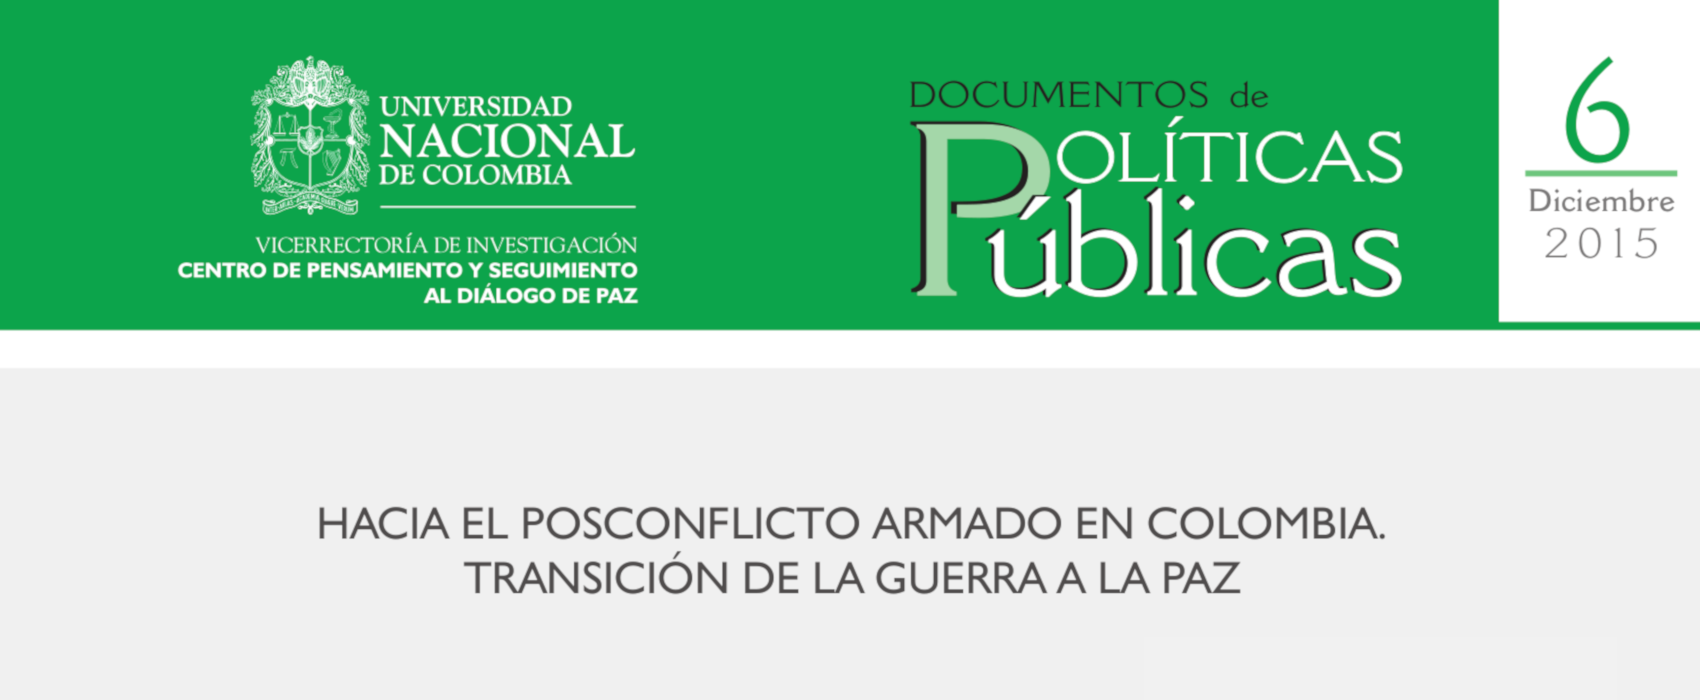 6. «Hacia el posconflicto armado en Colombia. Transición de la guerra a la paz»